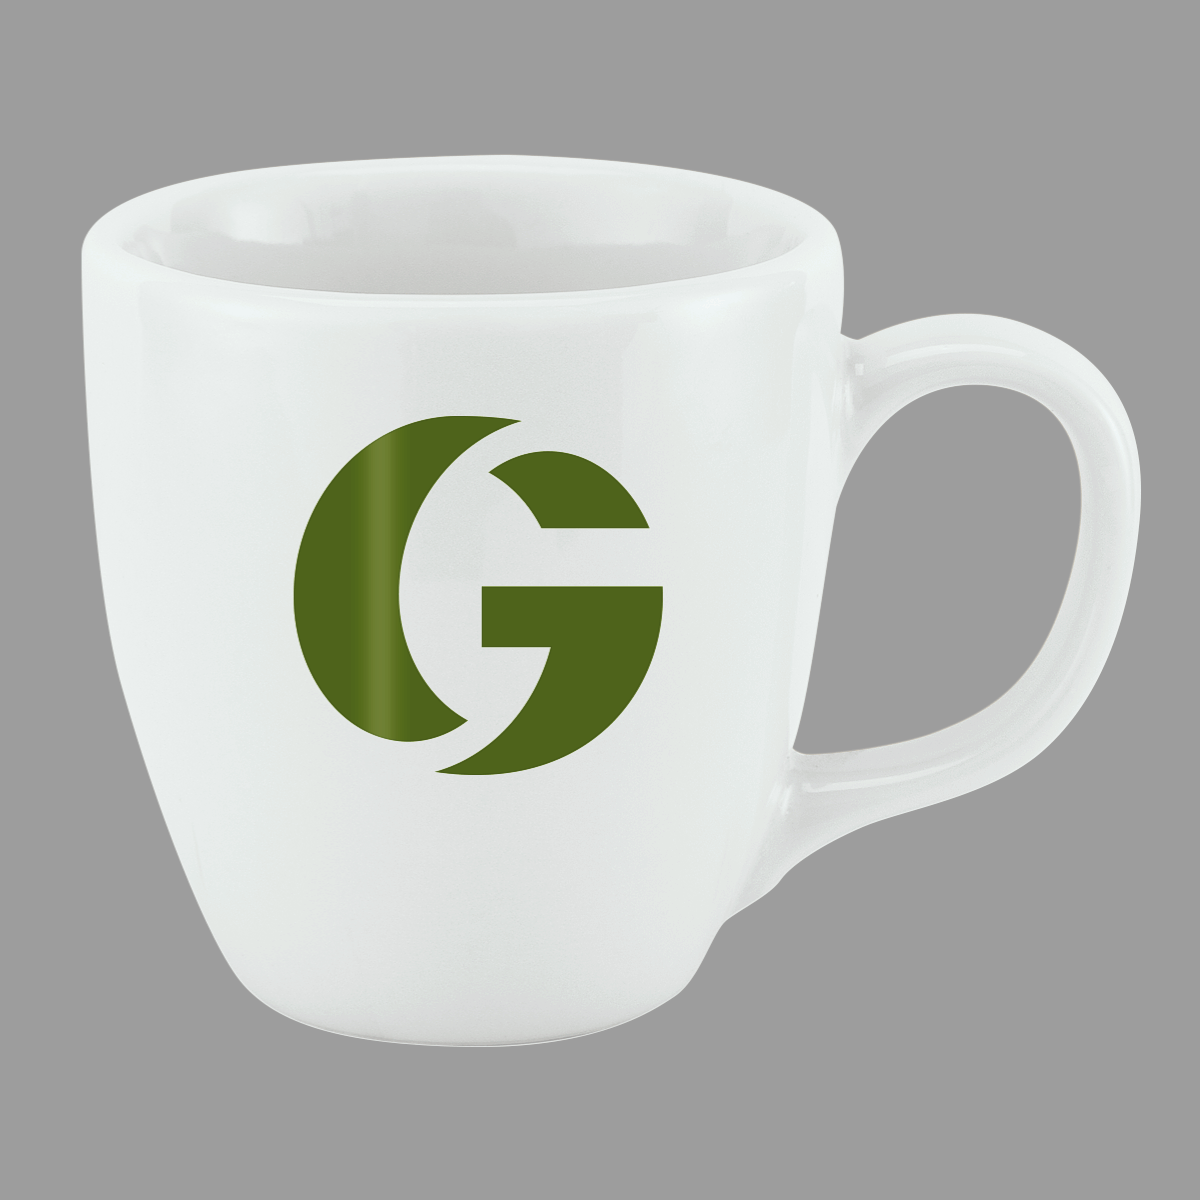 Gastro Druck_G grün